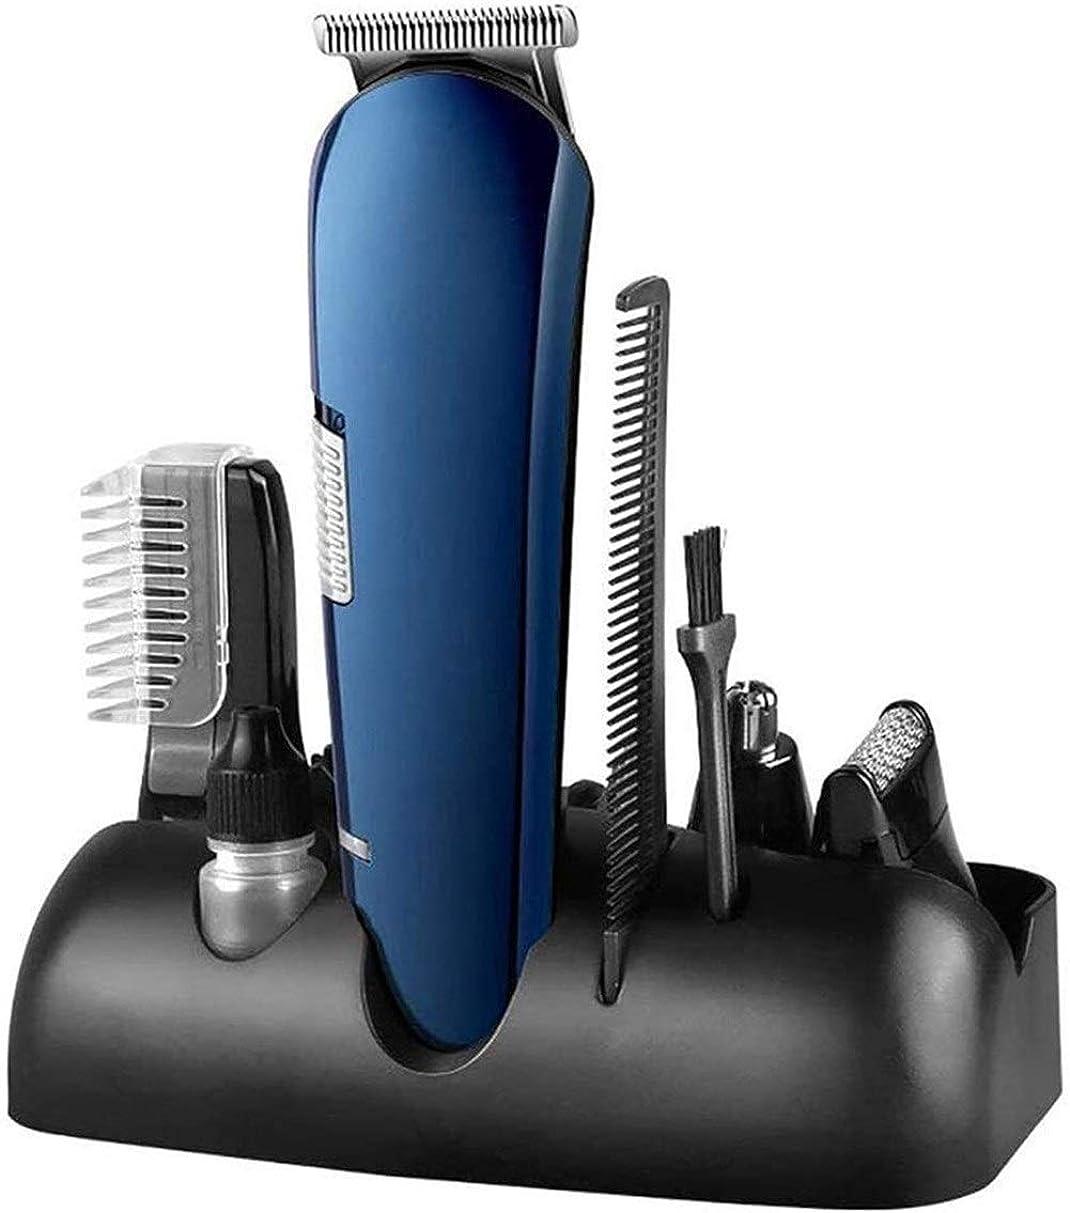 欲求不満テロ駐地LMCLJJ 5-IN-1の電気バリカンキット、Anselfコードレス充電式低ディテール&グルーミングヘアーカットキットのためのガイドくし&鼻毛リムーバーとノイズあごひげ口ひげシェーバーヘアートリマー (Color : Blue)